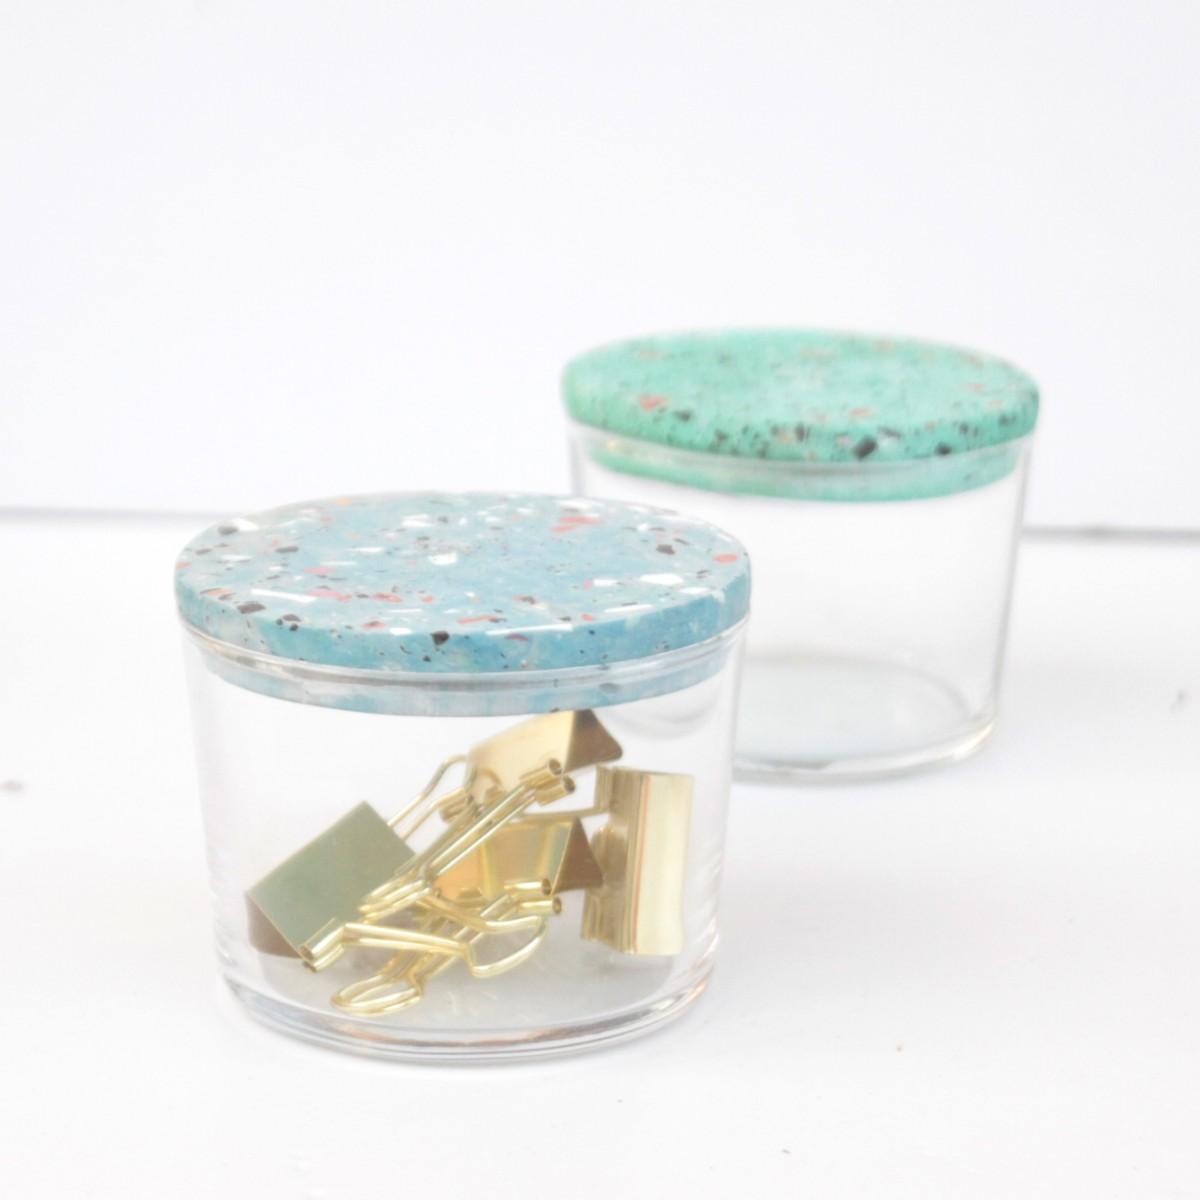 VLO design / Kleines Glas mit gelbem Deckel